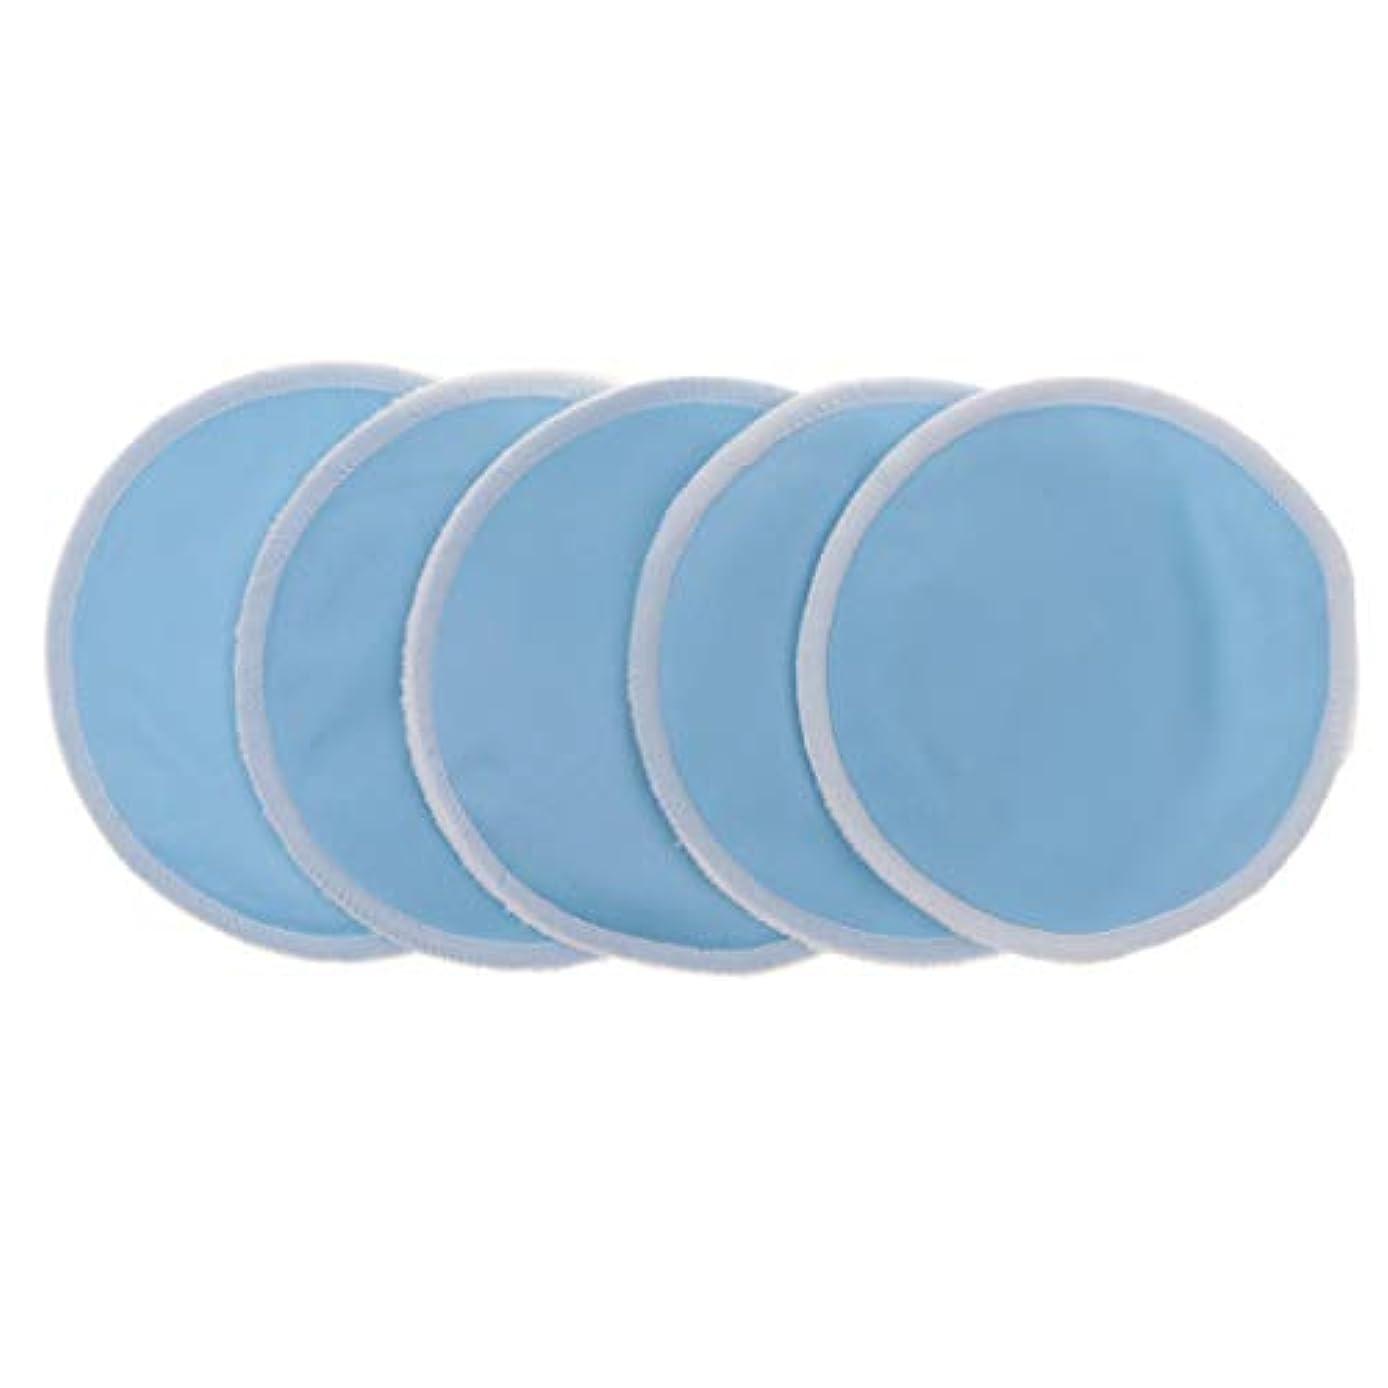 値下げ特権的ビルマD DOLITY 全5色 胸パッド クレンジングシート メイクアップ 竹繊維 12cm 洗える 再使用可 実用的 5個入 - 青